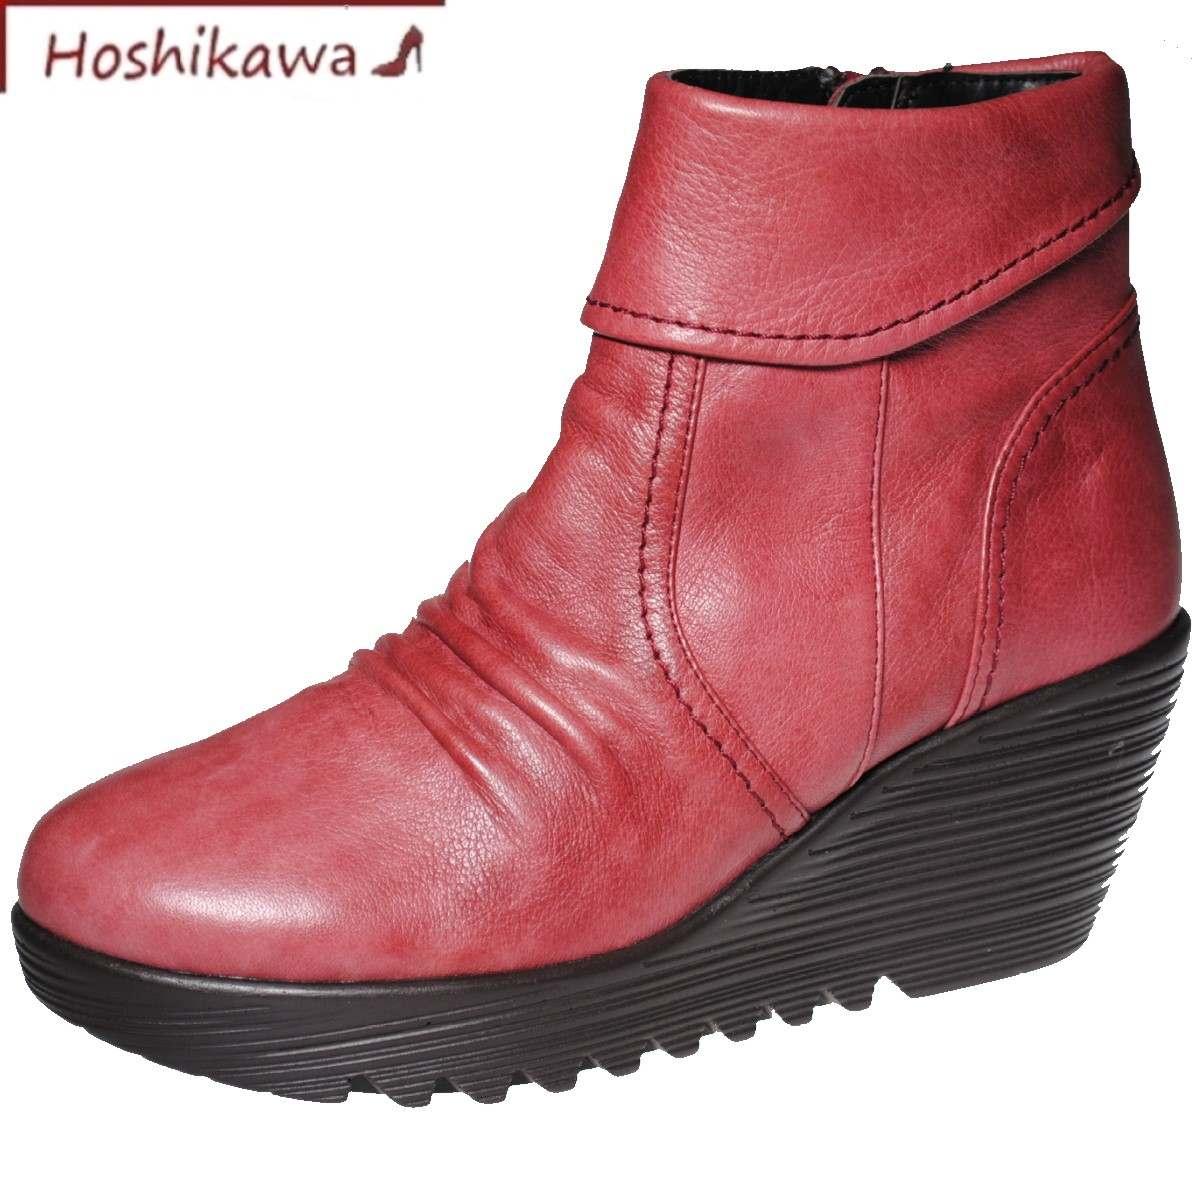 【靴のHOSHIKAWA】 『fino 9610』フィーノ ワイン22.5cm~24.5cm EEEショートブーツ レディースミドルブーツ 牛革 秋冬